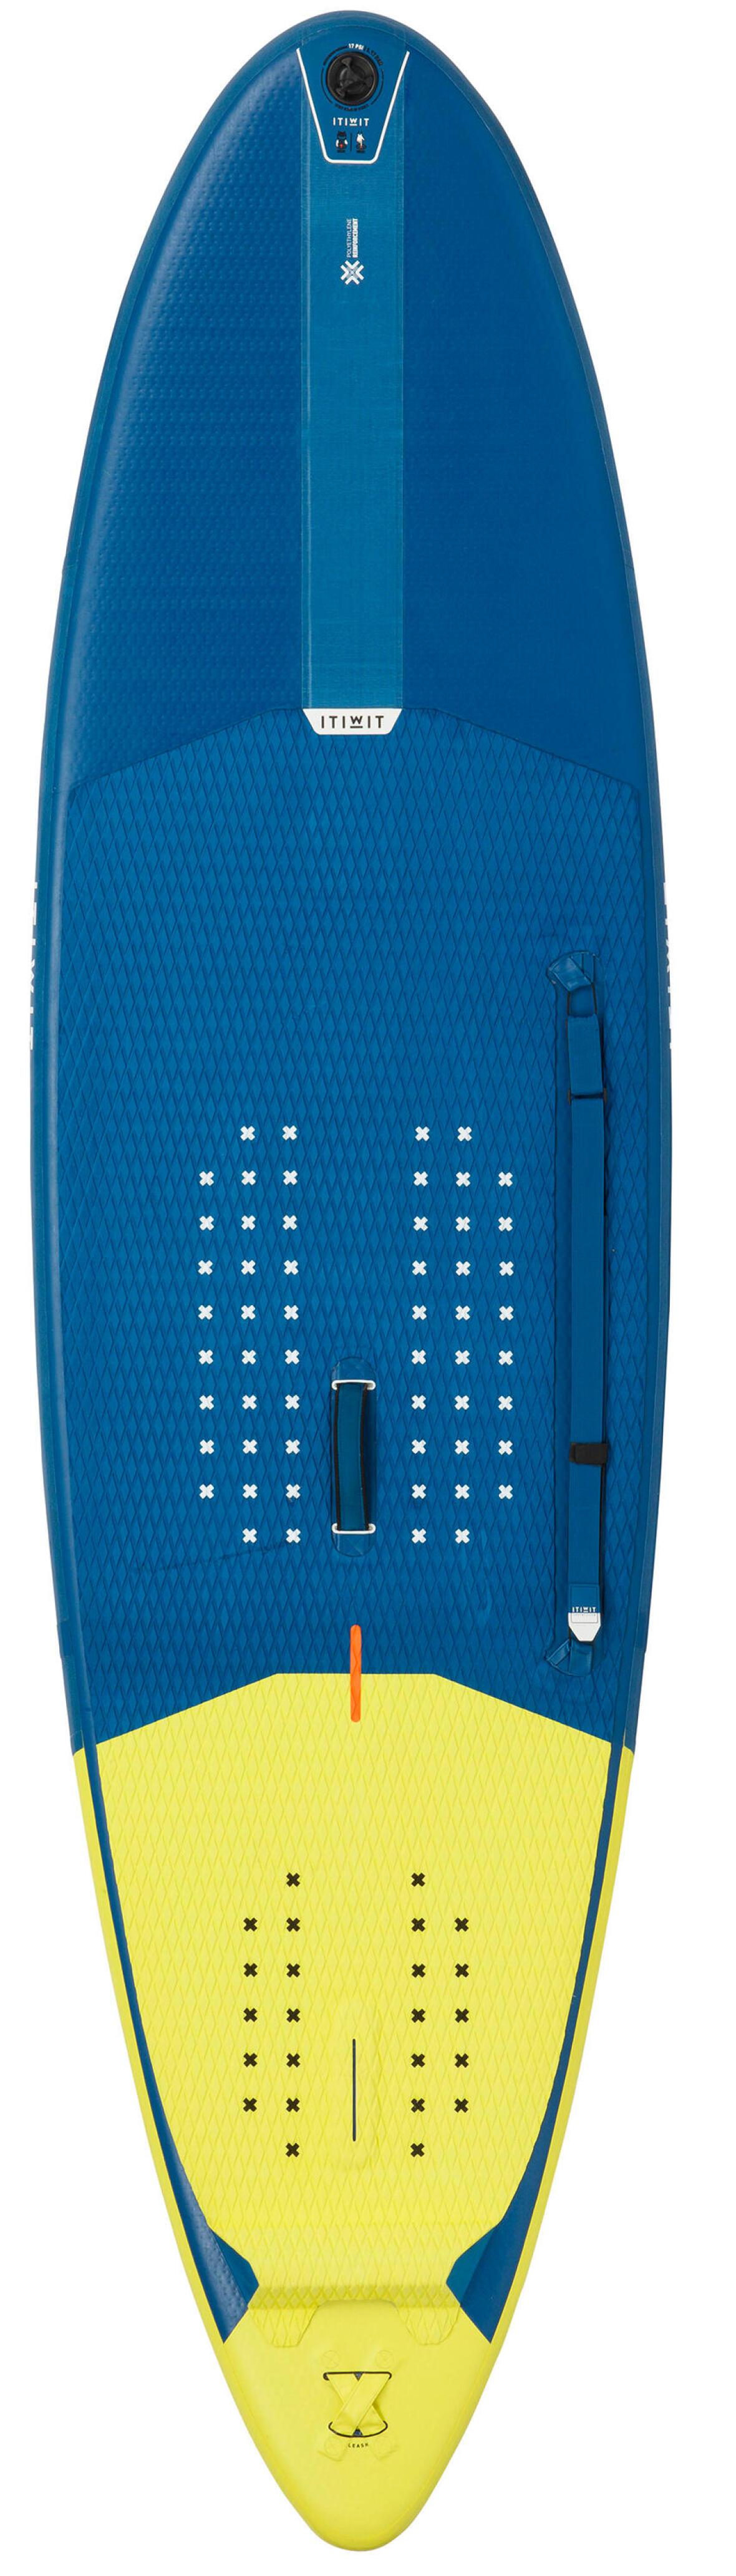 Sup-aufblasbar-surf-w500-10-longboard-blau-itiwit